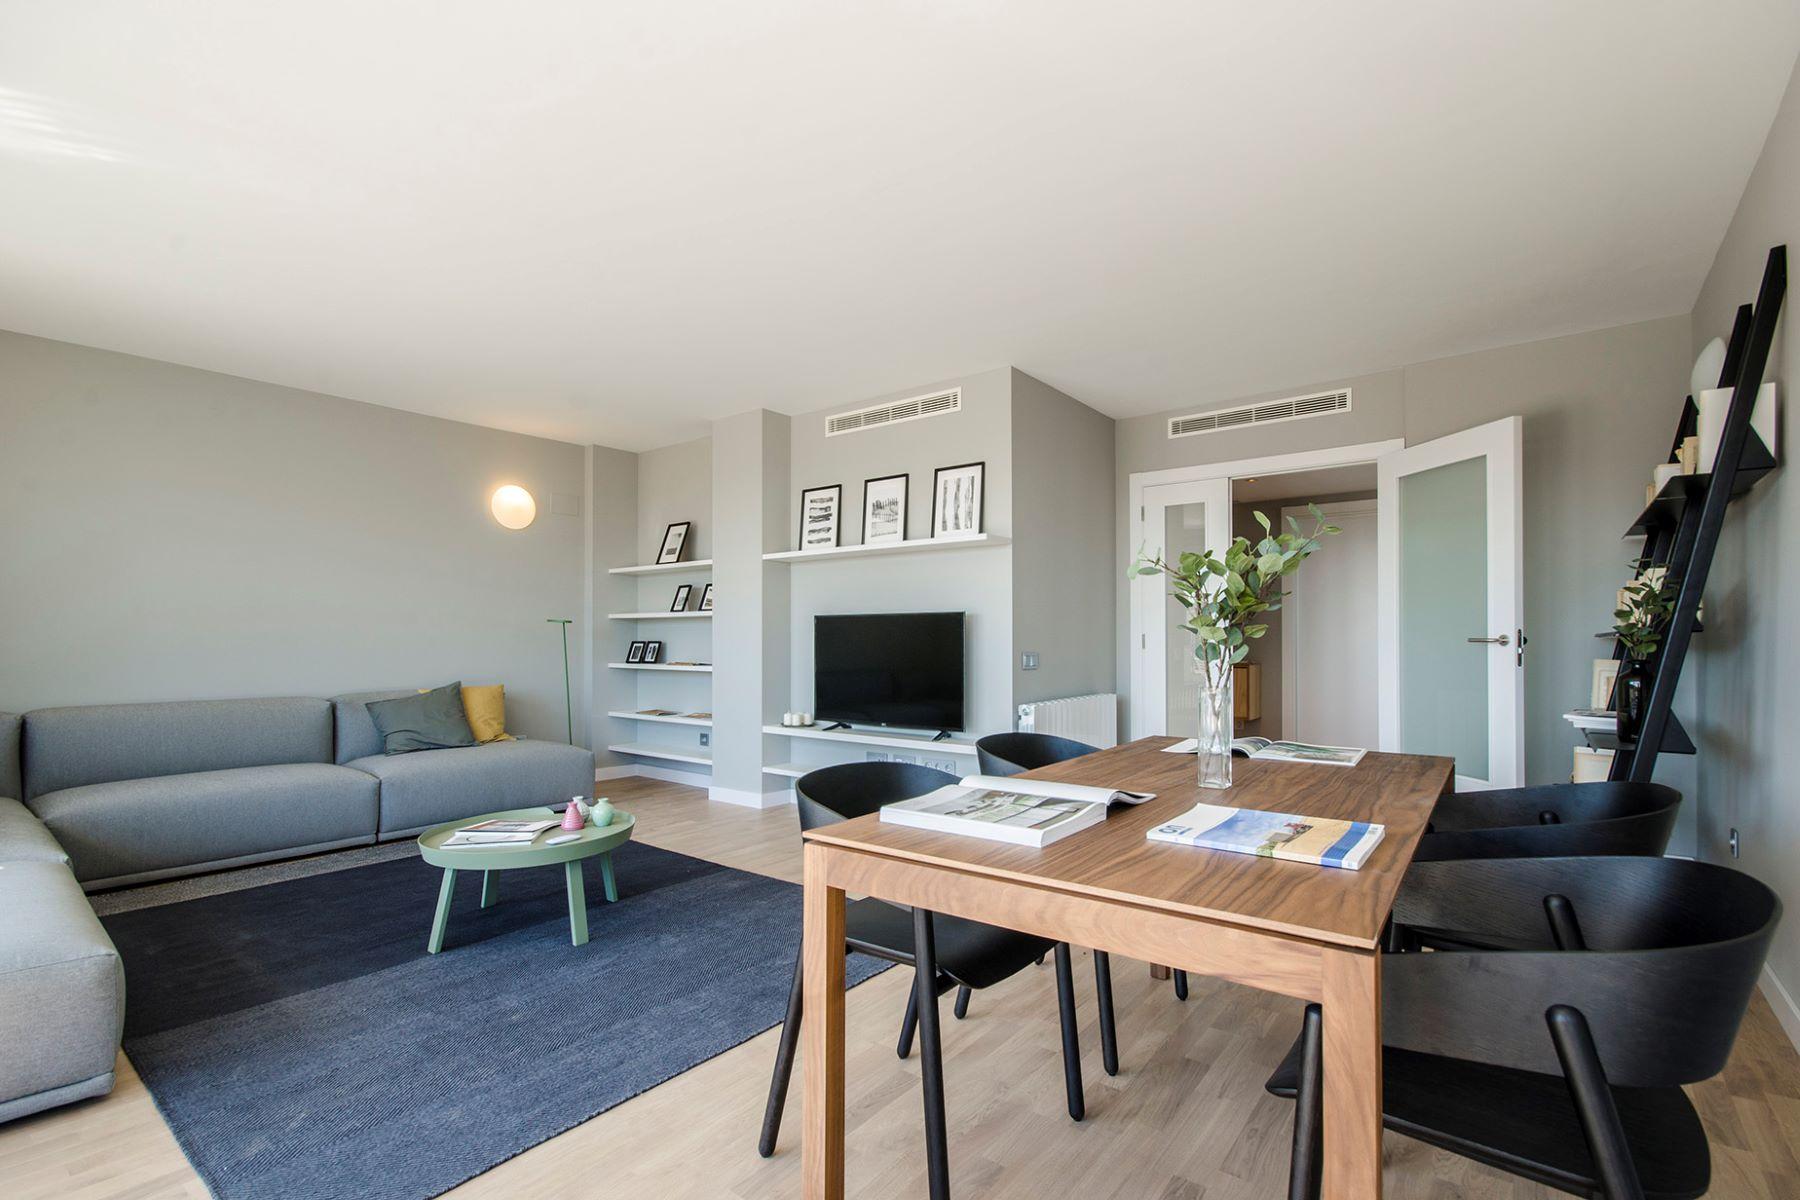 独户住宅 为 销售 在 New development in Teía with sea views Teia, 巴塞罗那, 08329 西班牙